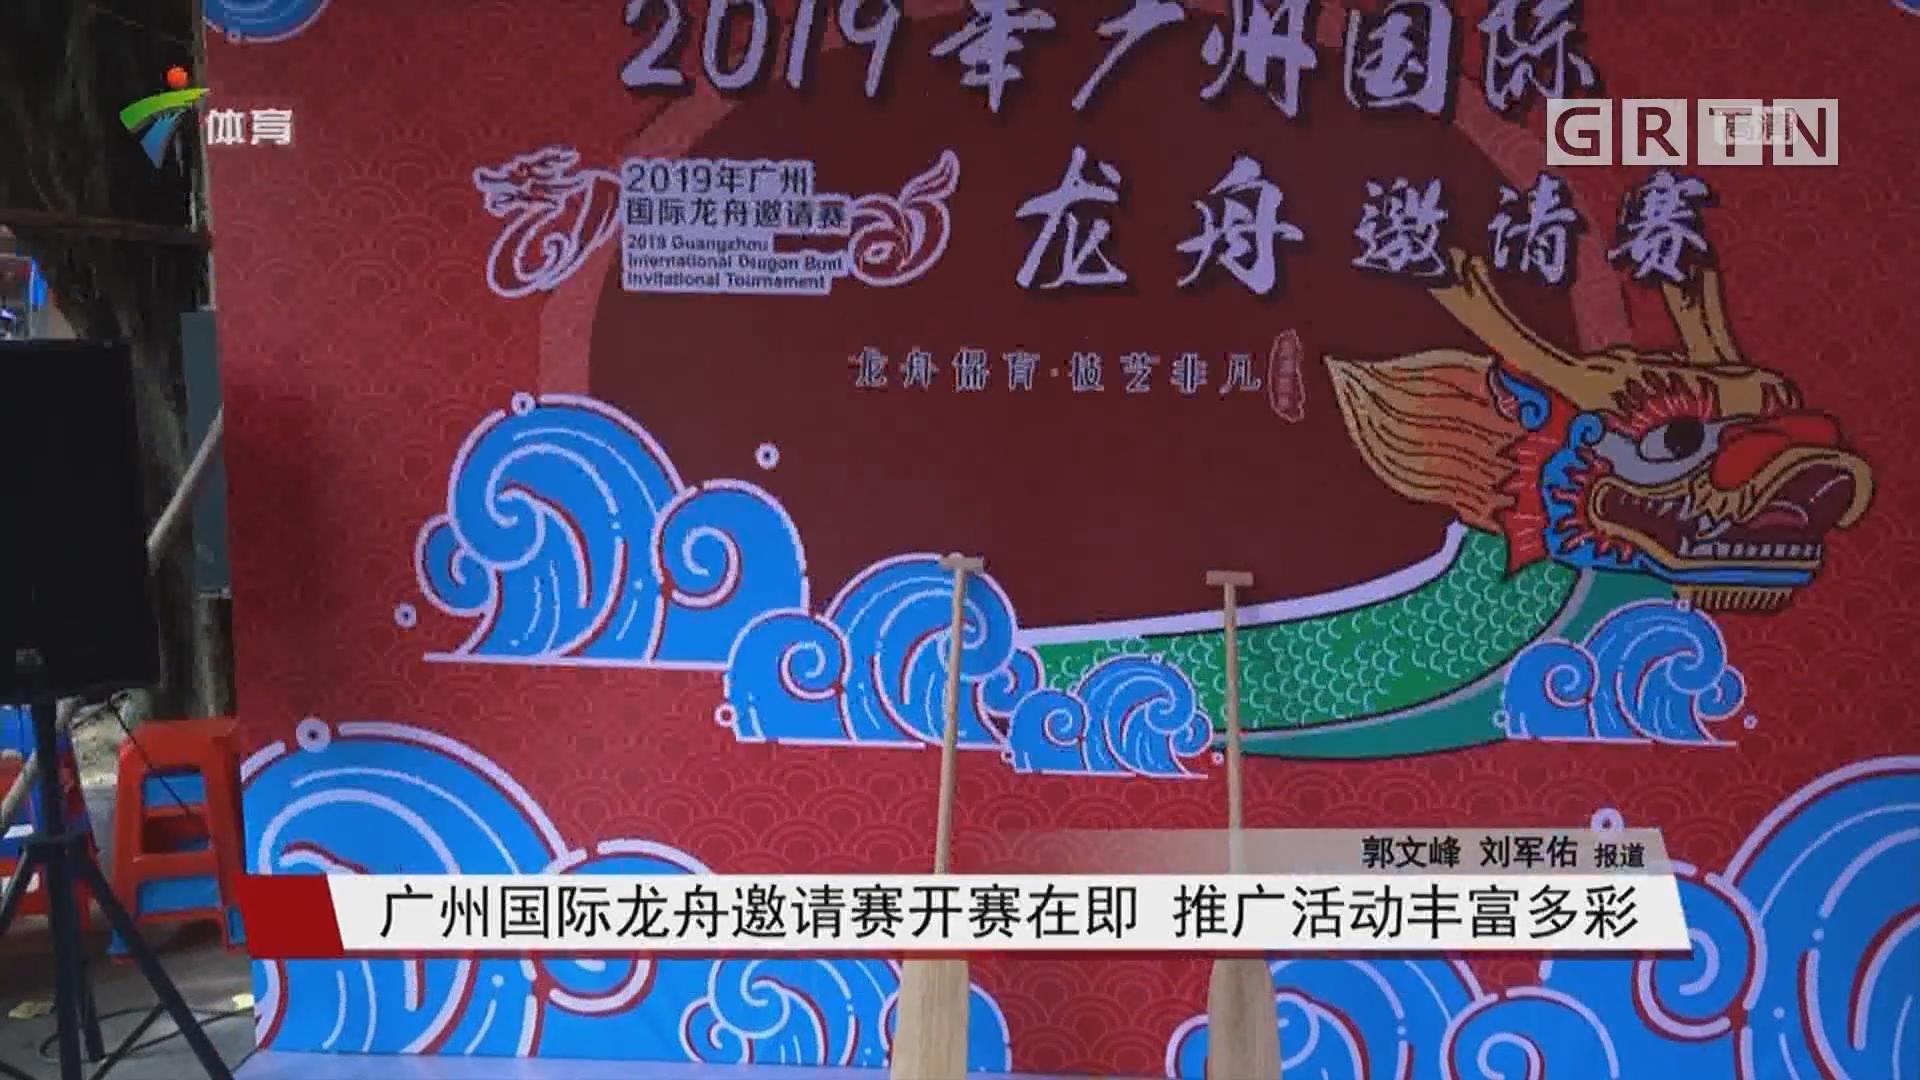 广州国际龙舟邀请赛开赛在即 推广活动丰富精彩